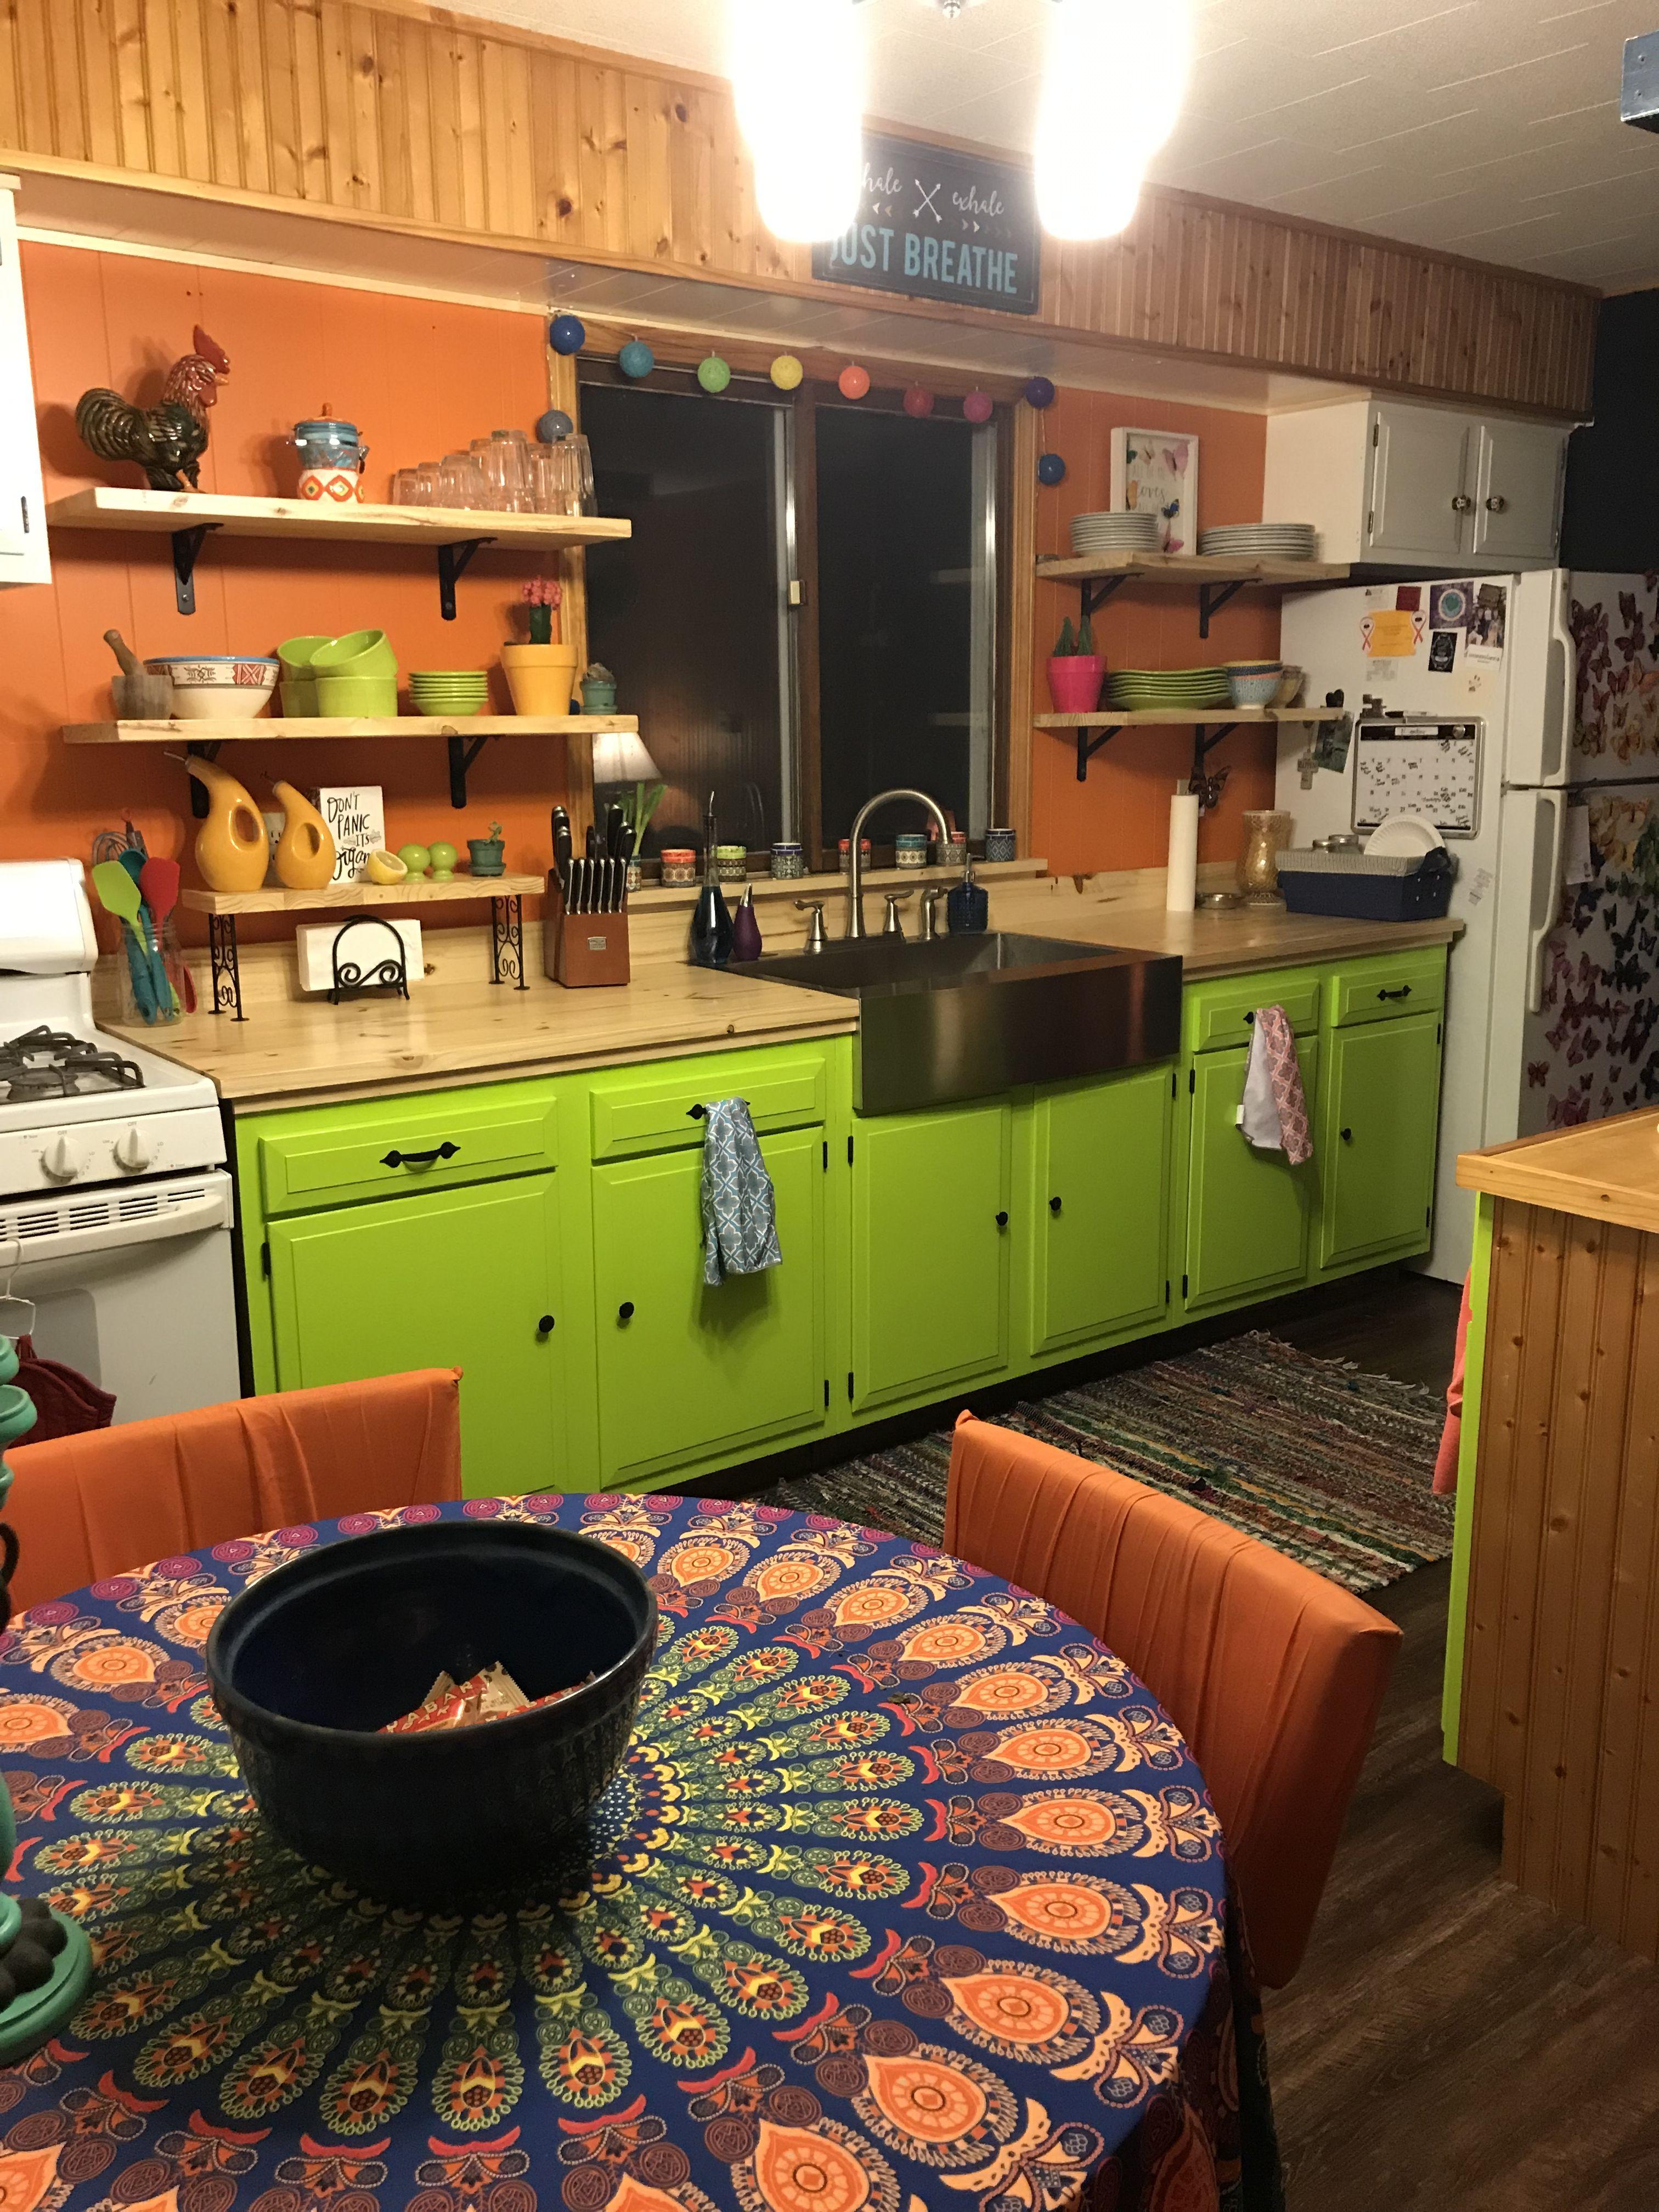 hippie kitchen exposed shelves farmhouse sink orange walls painted cabinets hippie kitchen on kitchen decor hippie id=97935